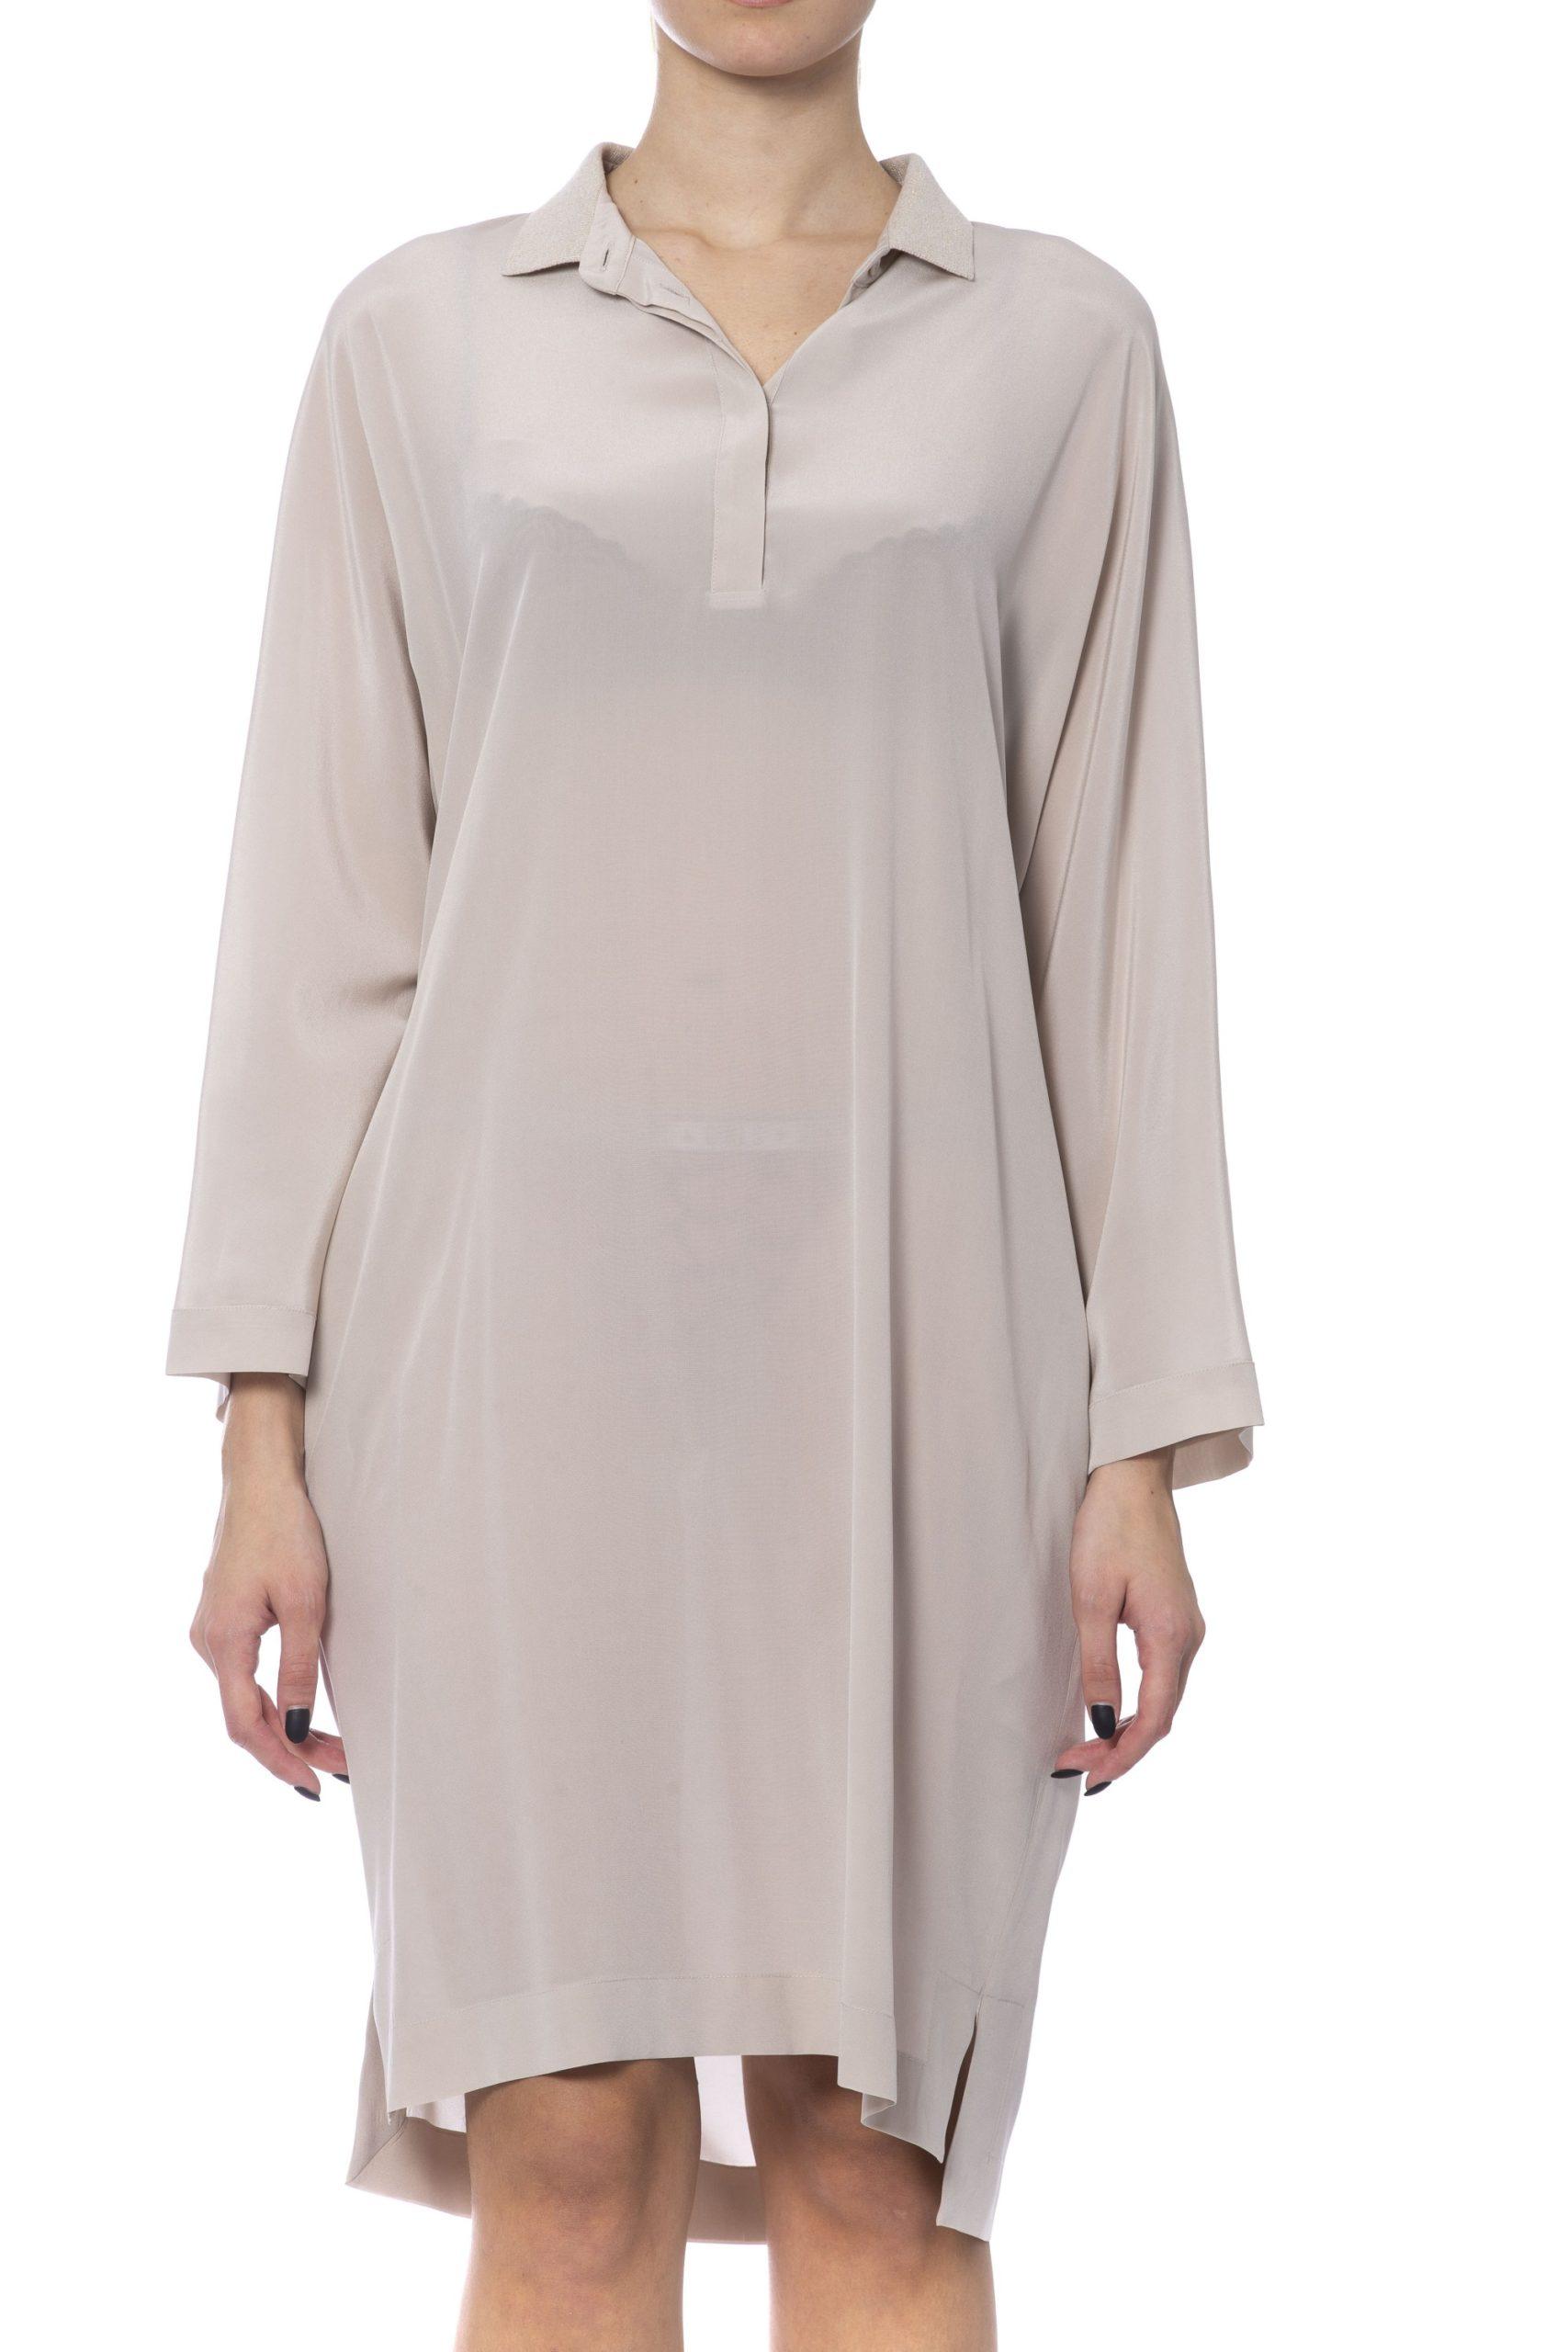 Peserico Women's Dress Beige PE993486 - IT42   S